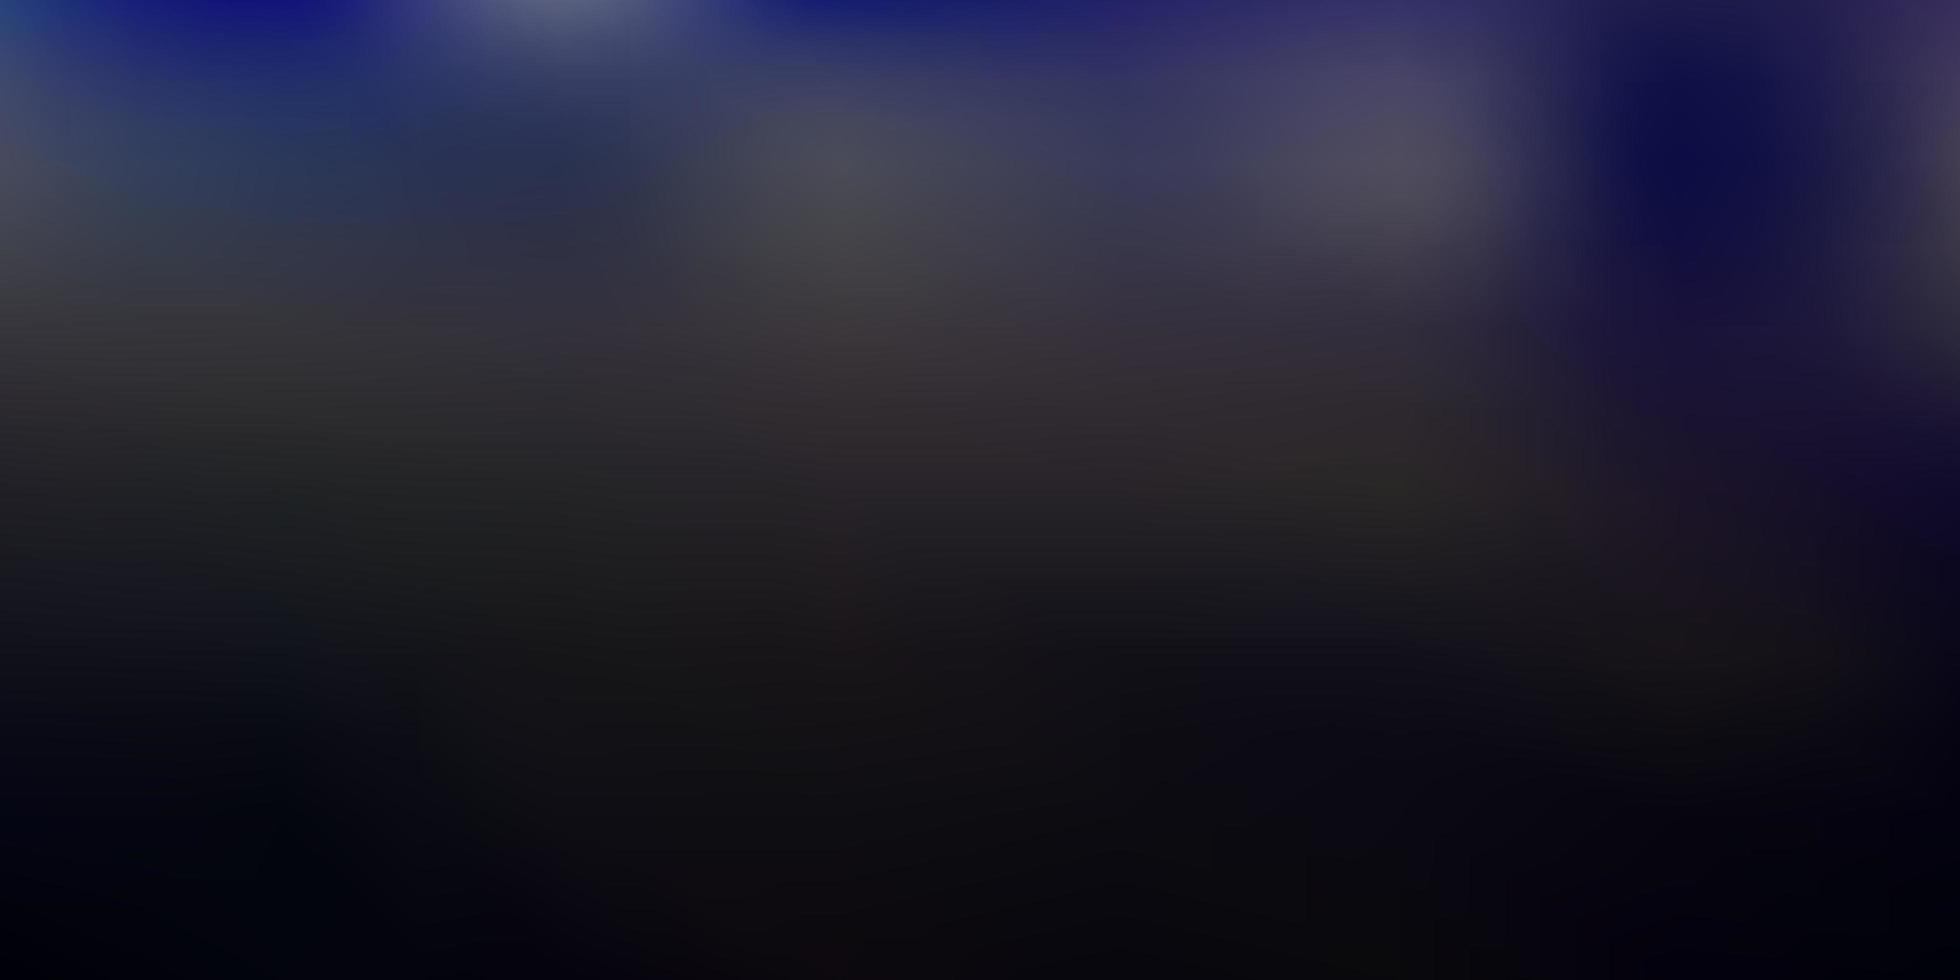 motif de flou abstrait vecteur violet clair.